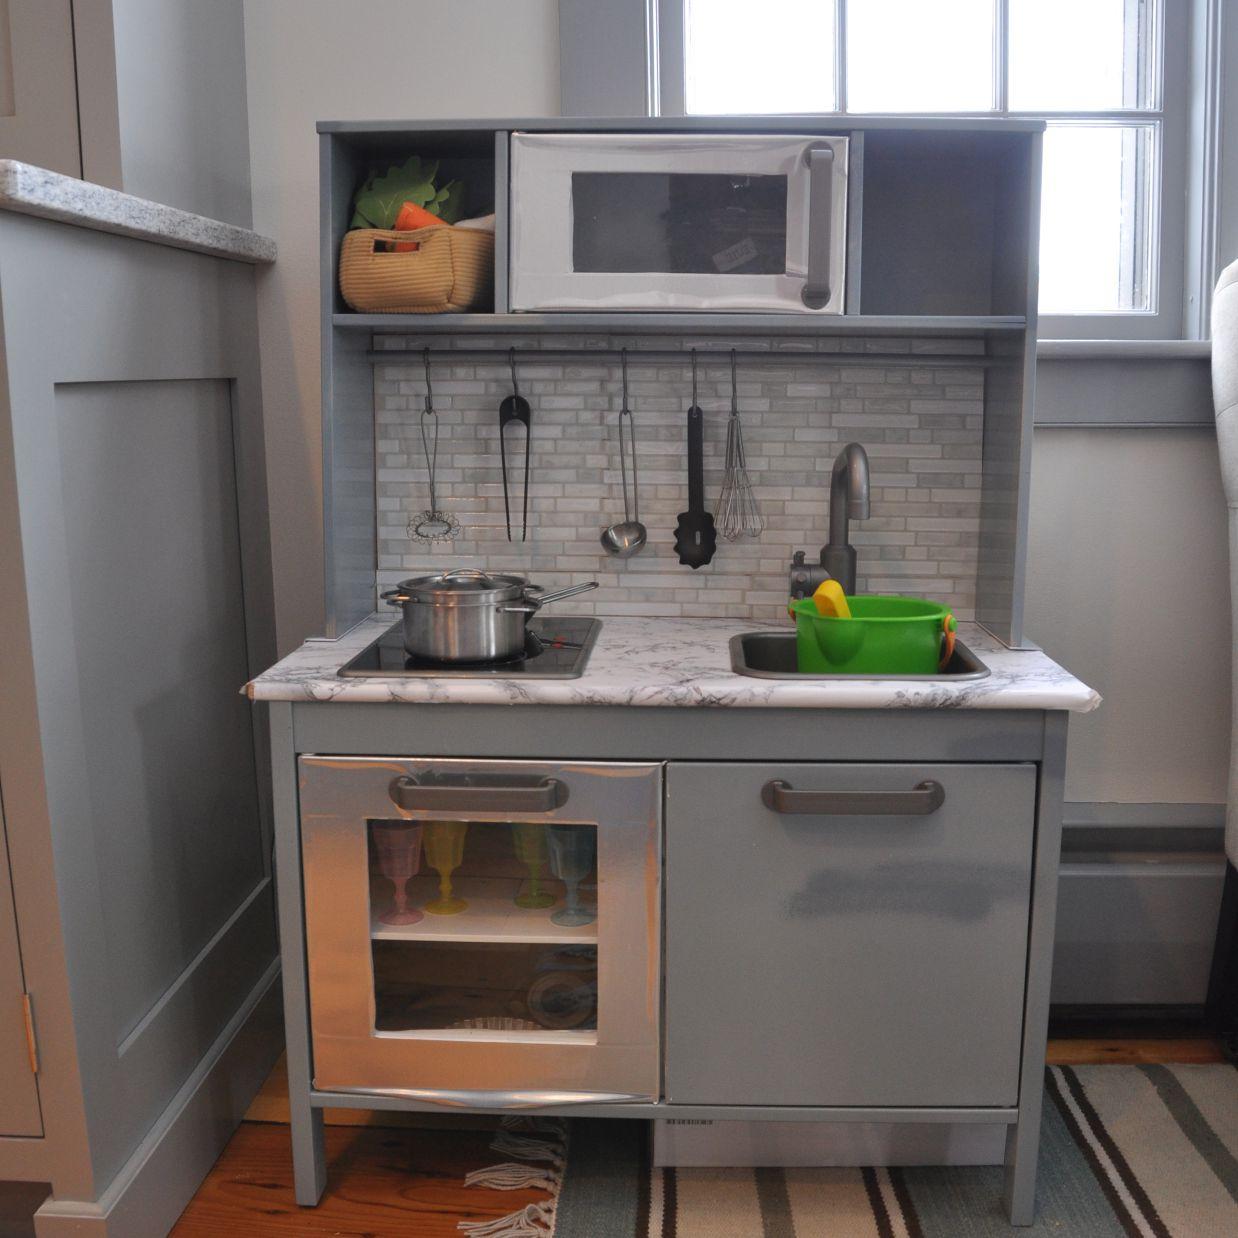 Mini Matching Play Kitchen